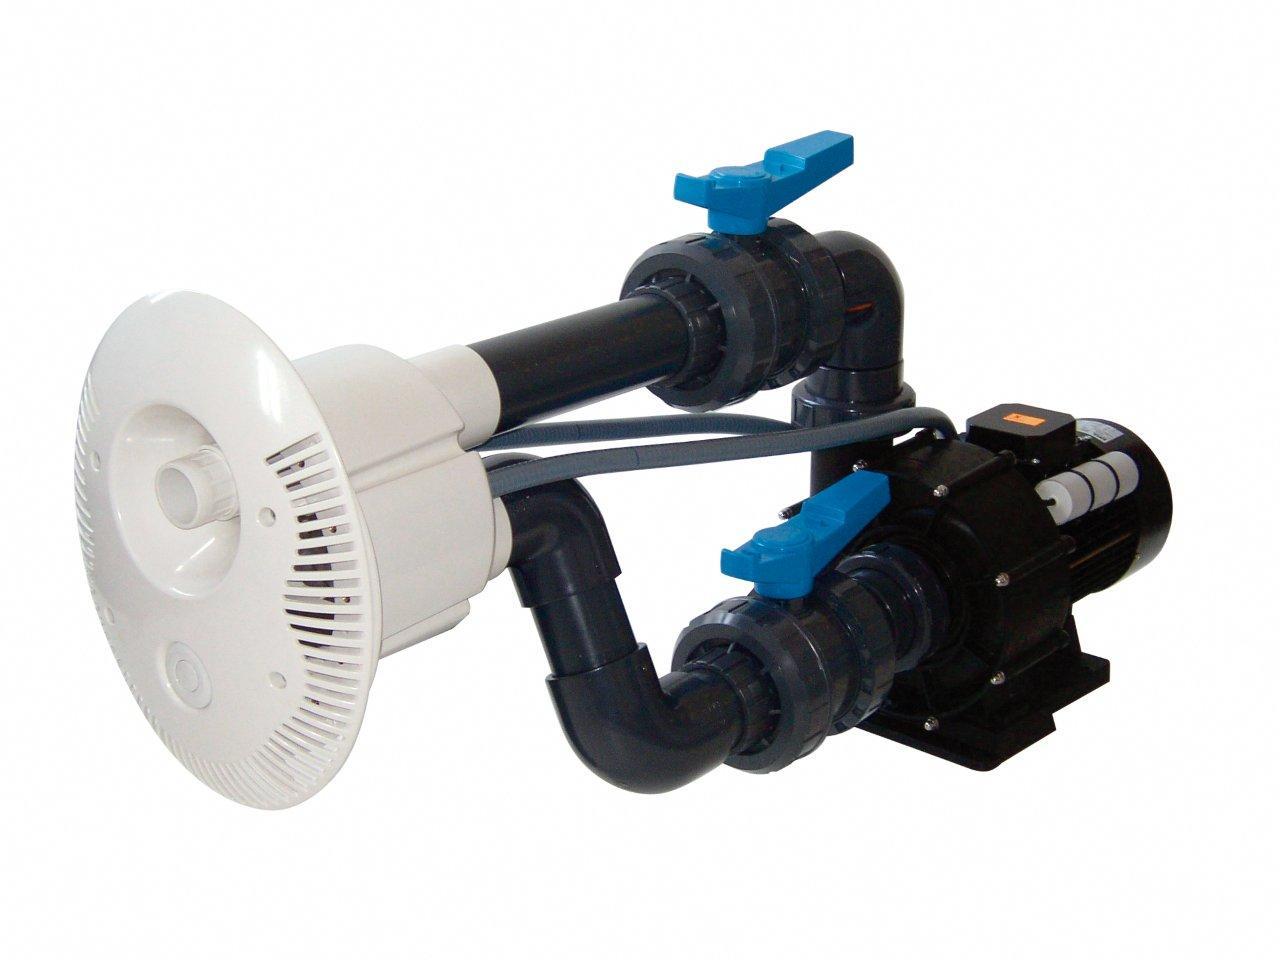 Protiproud V-JET 74 m3/h, 400 V, 3,0 kW, pro fóliové a předvyrobené baz. potrubí